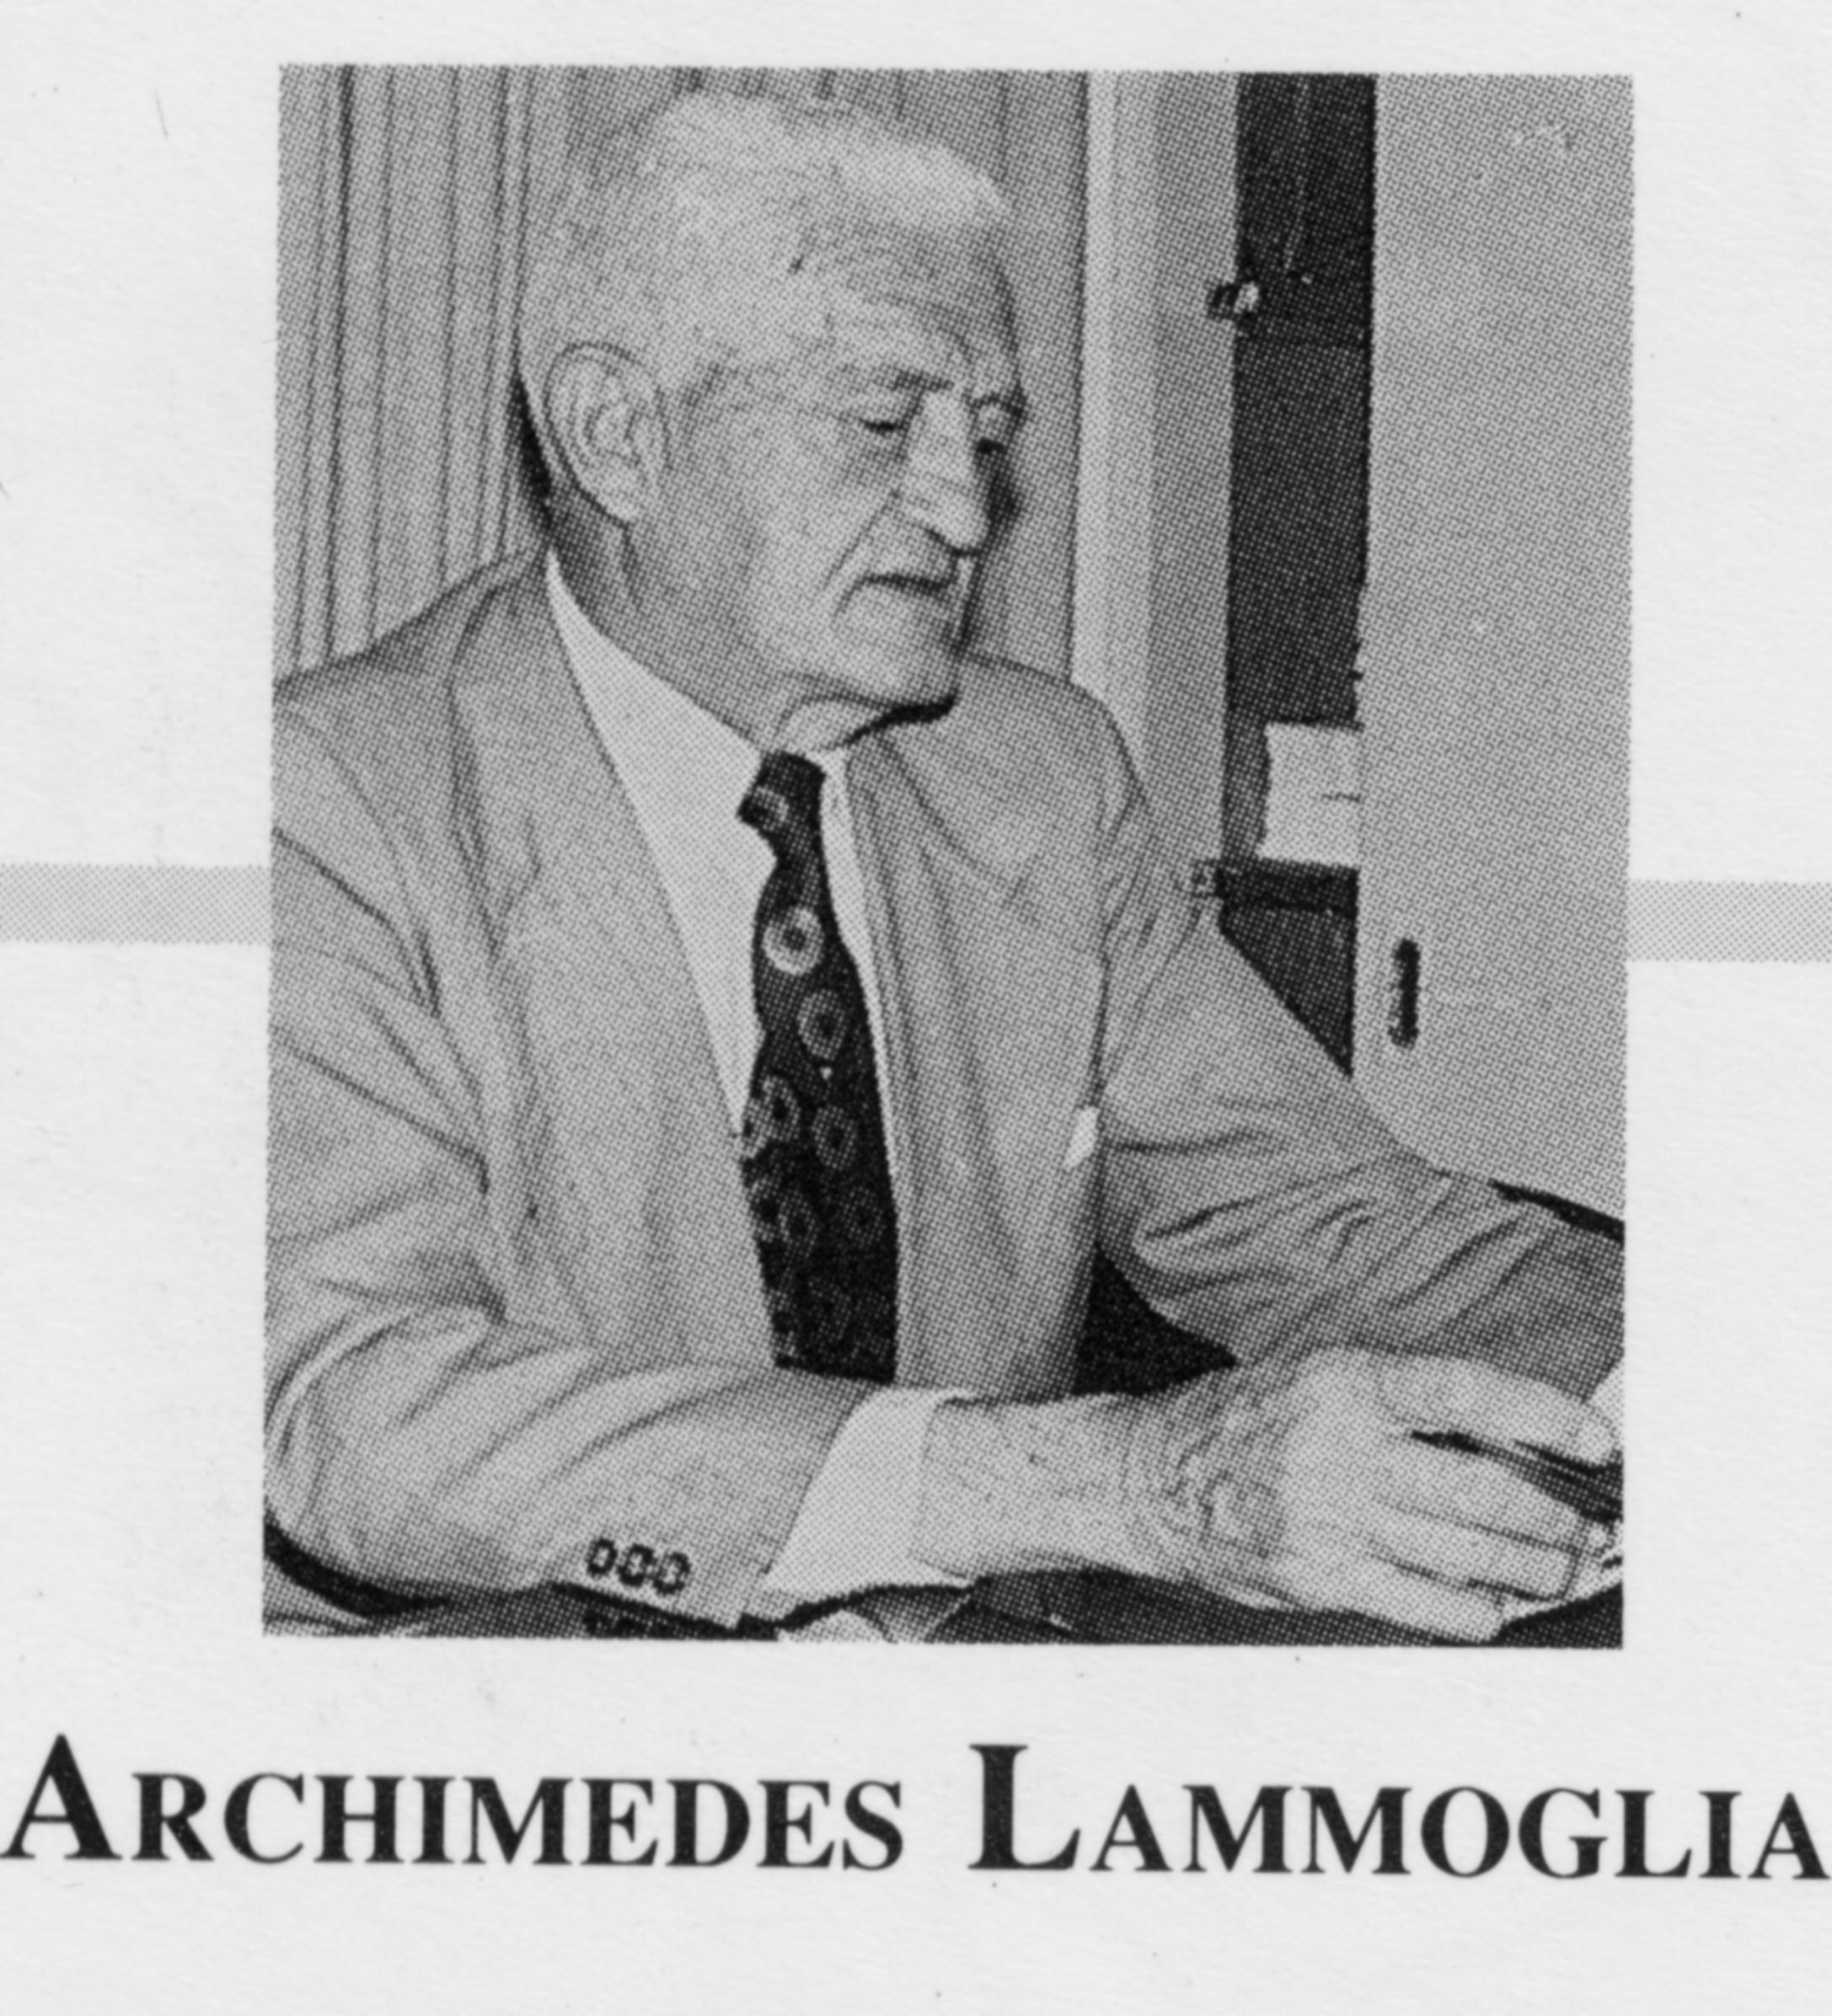 Archimedes Lammoglia